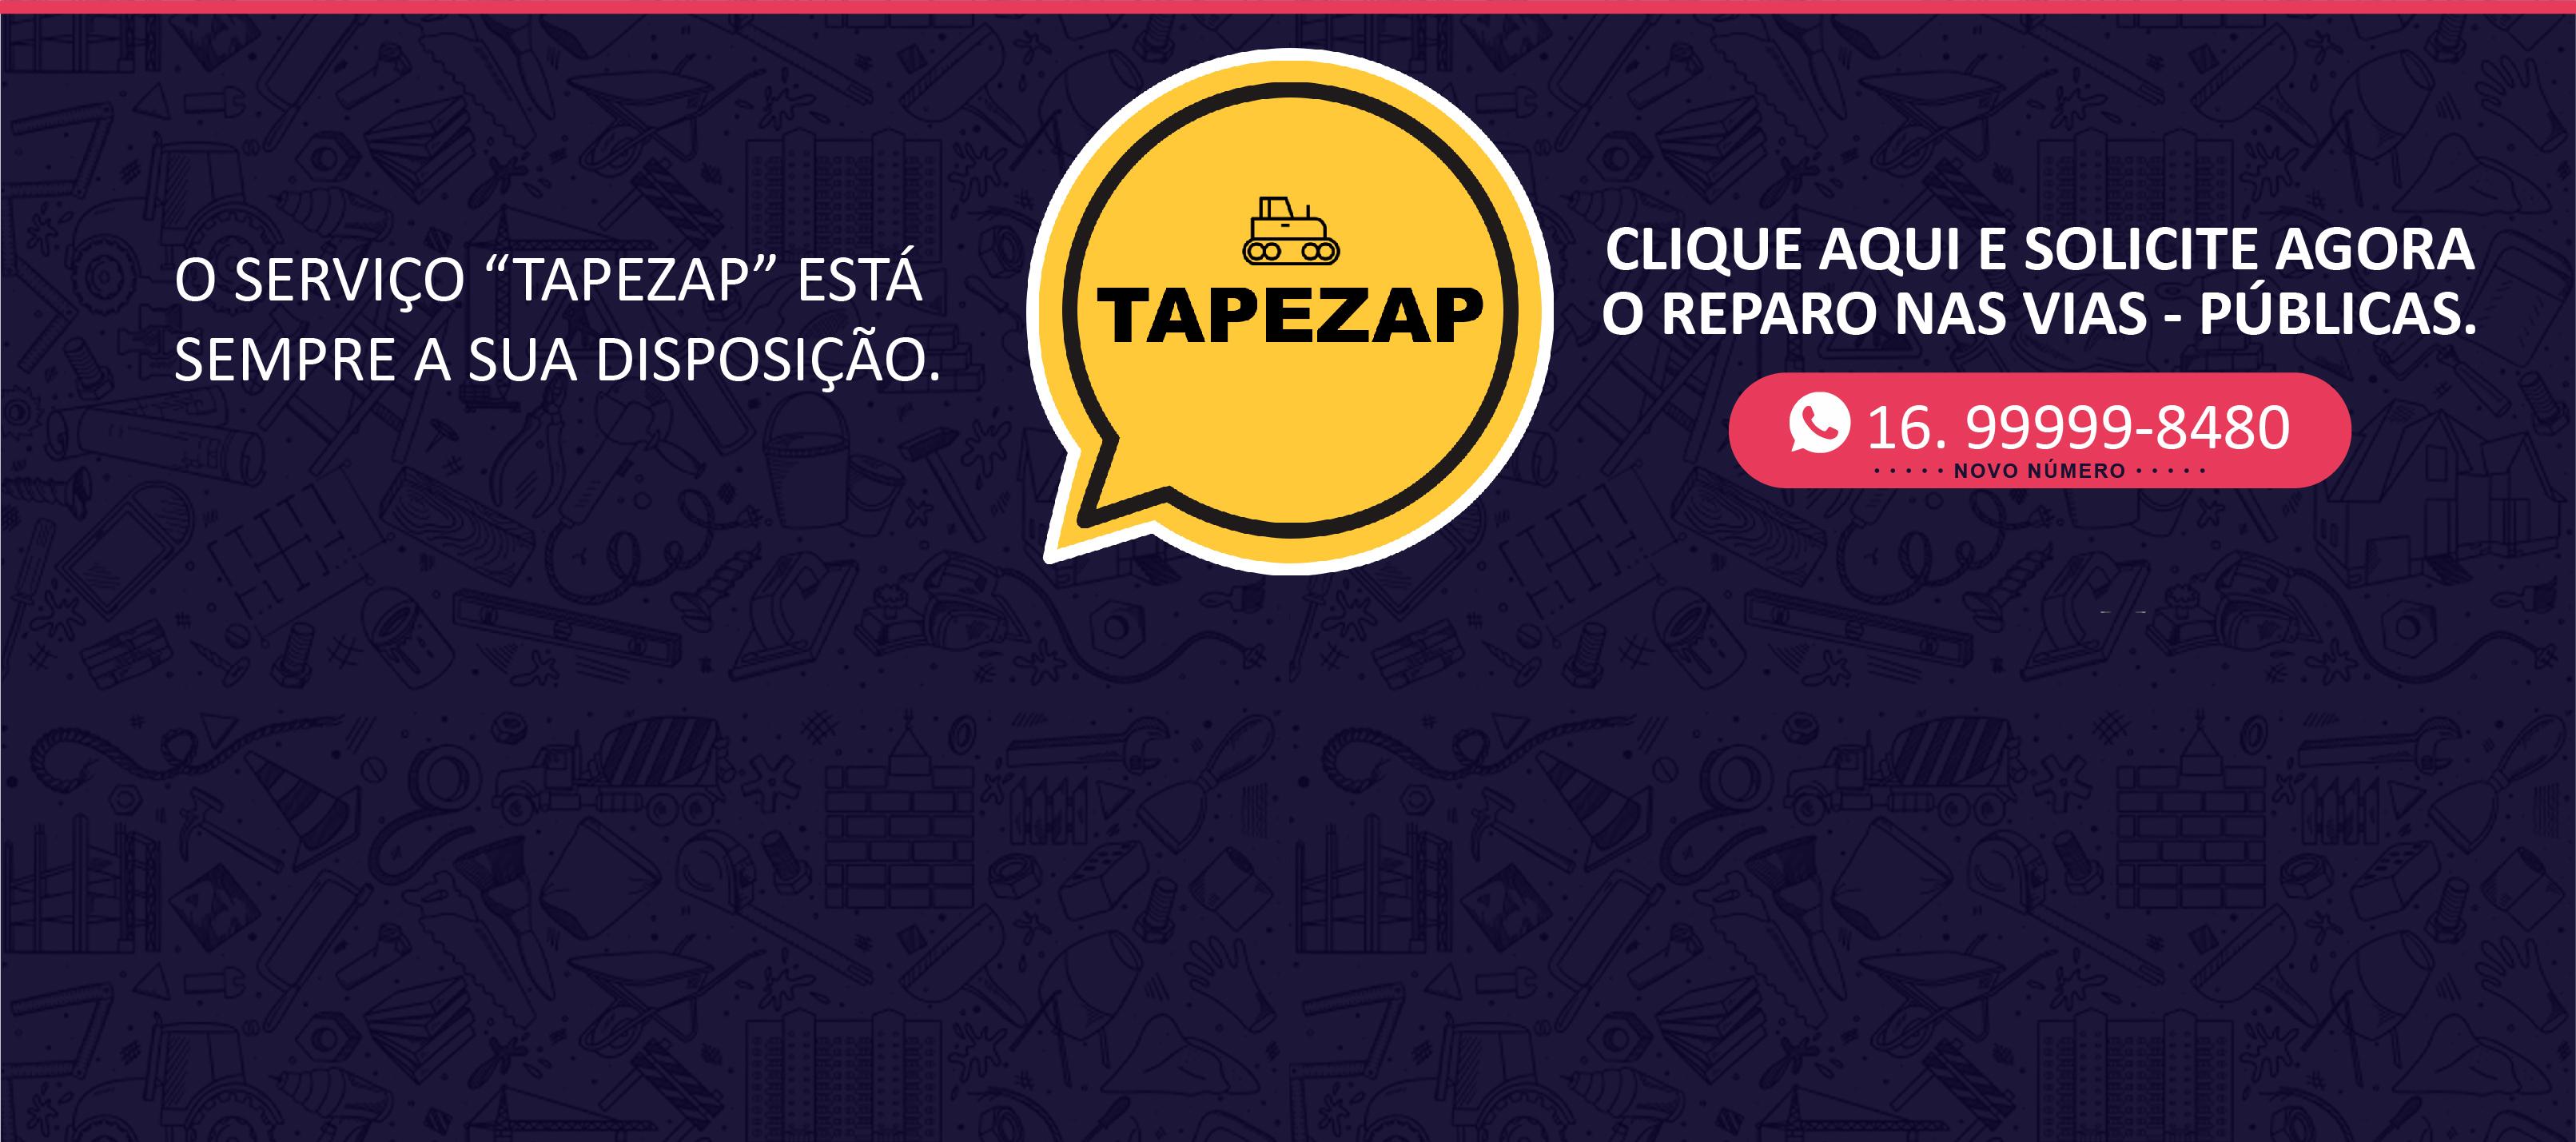 banner-tapezap-01_original